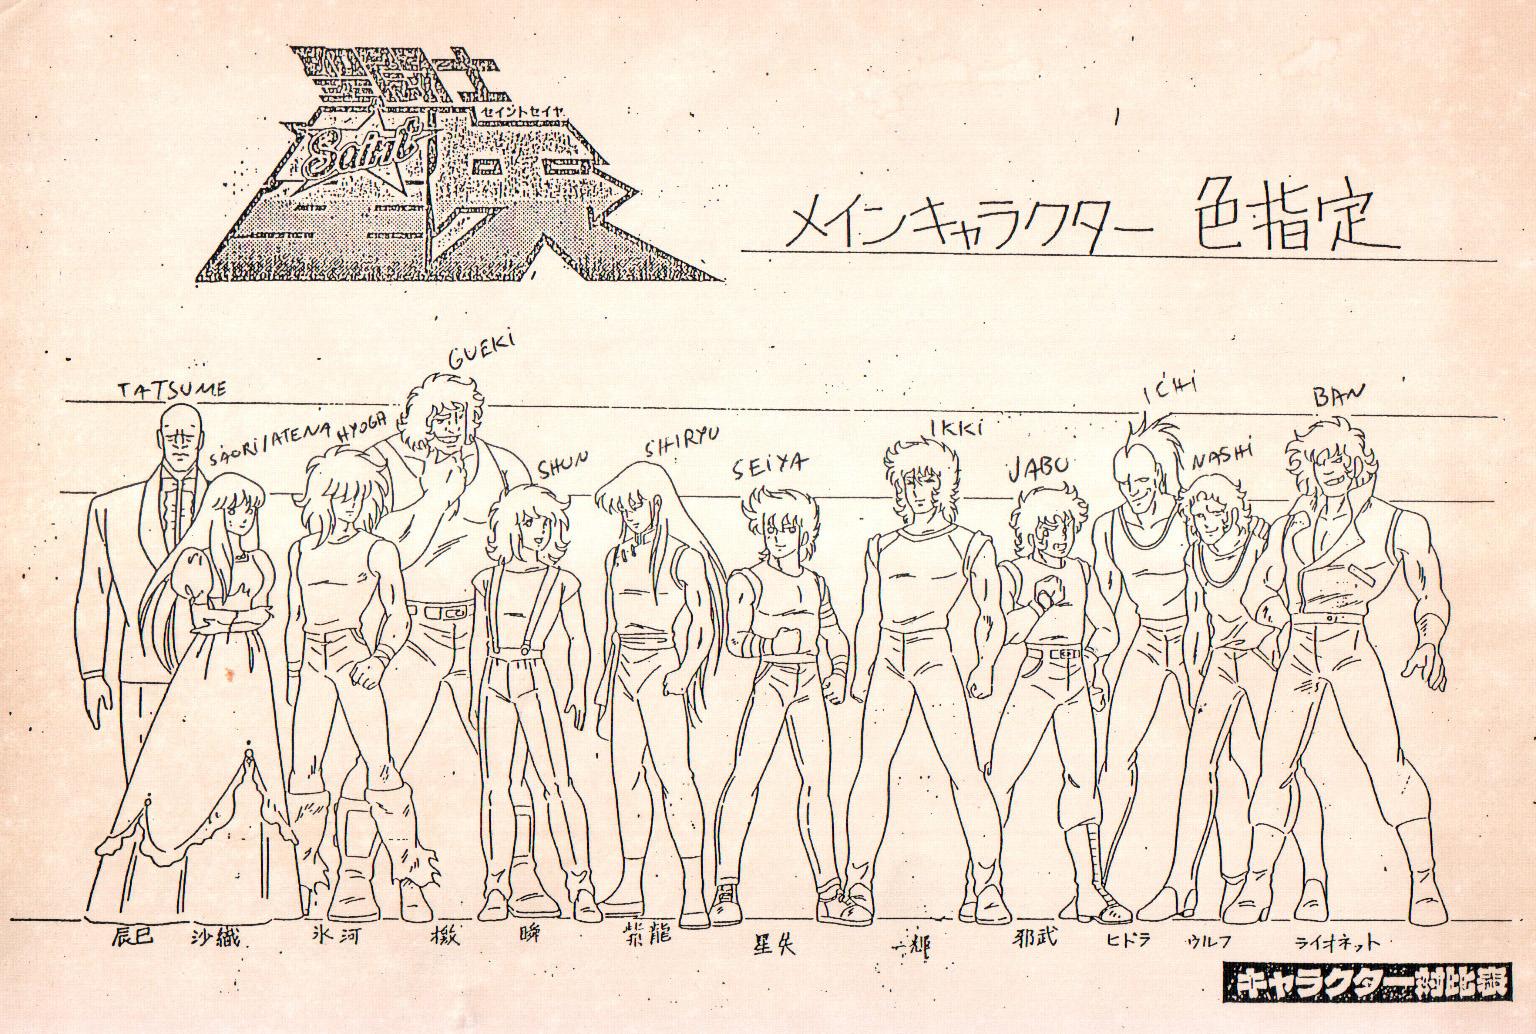 Animax Magazine Cavaleiros Do Zodiaco Copia Do Model Sheet Com